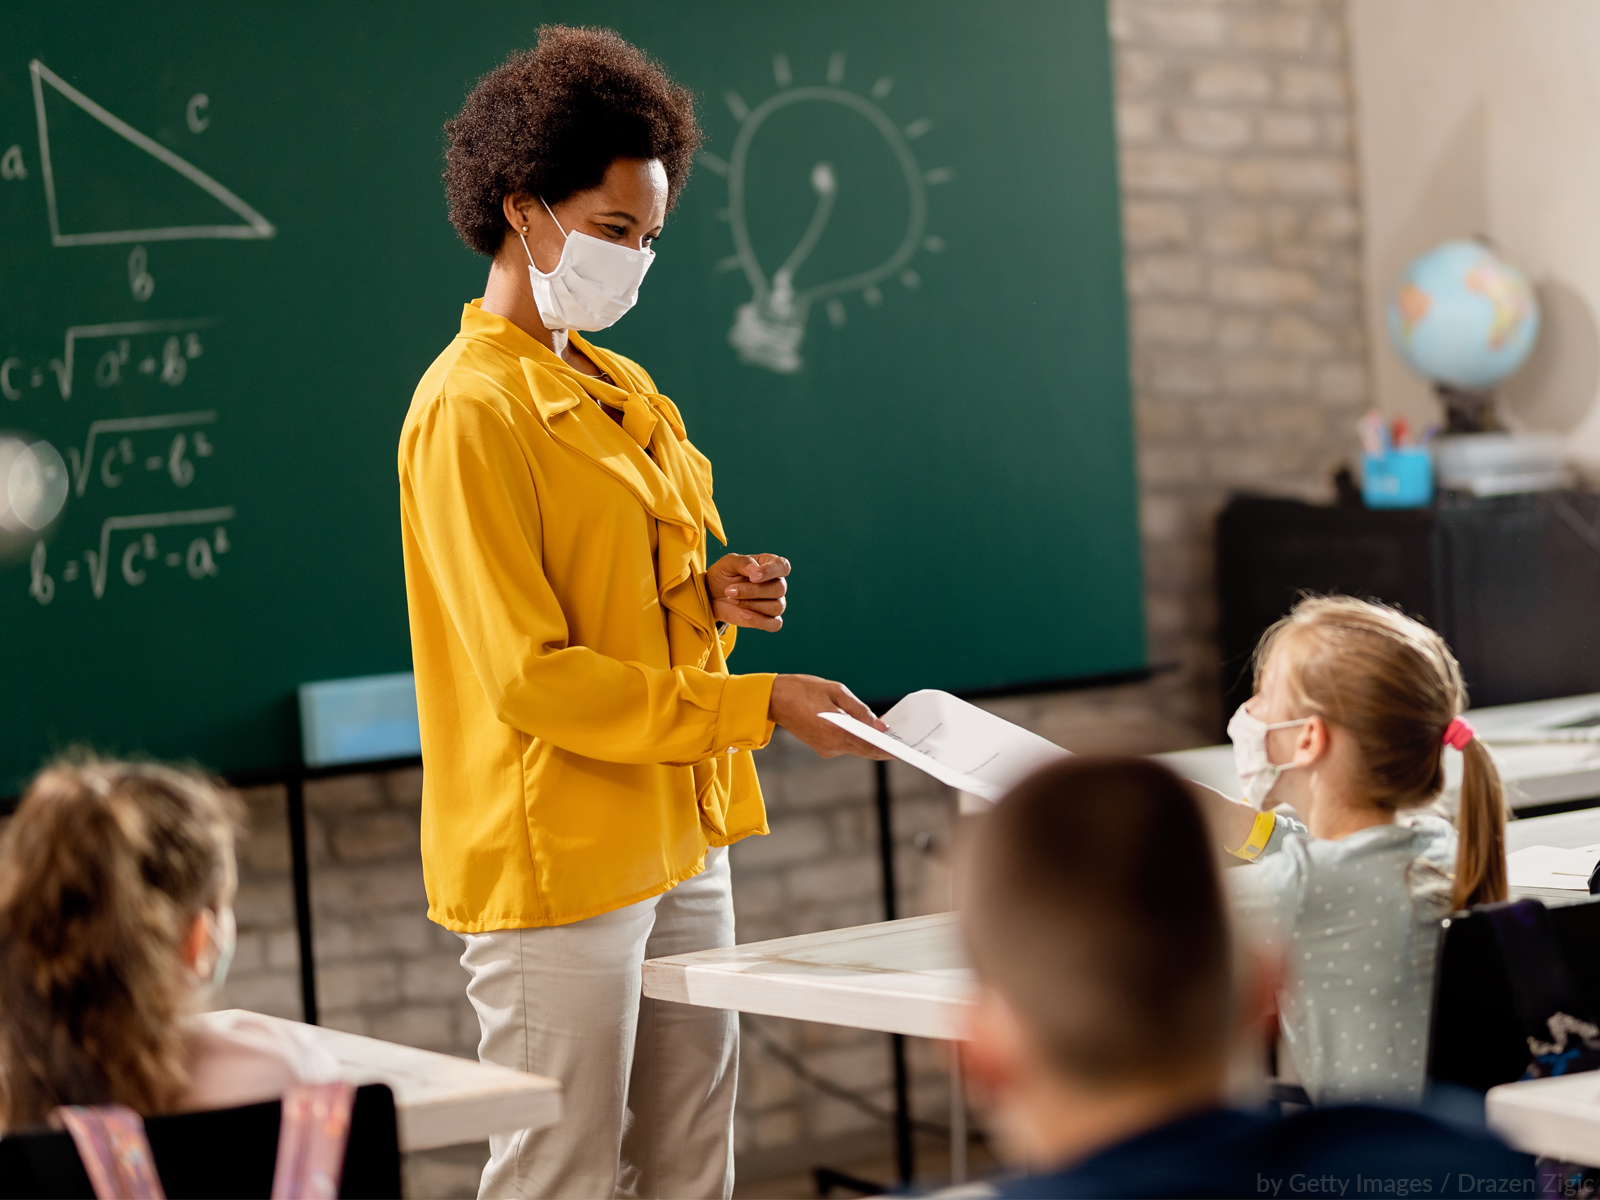 Pós-pandemia: como readaptar às aulas presenciais?